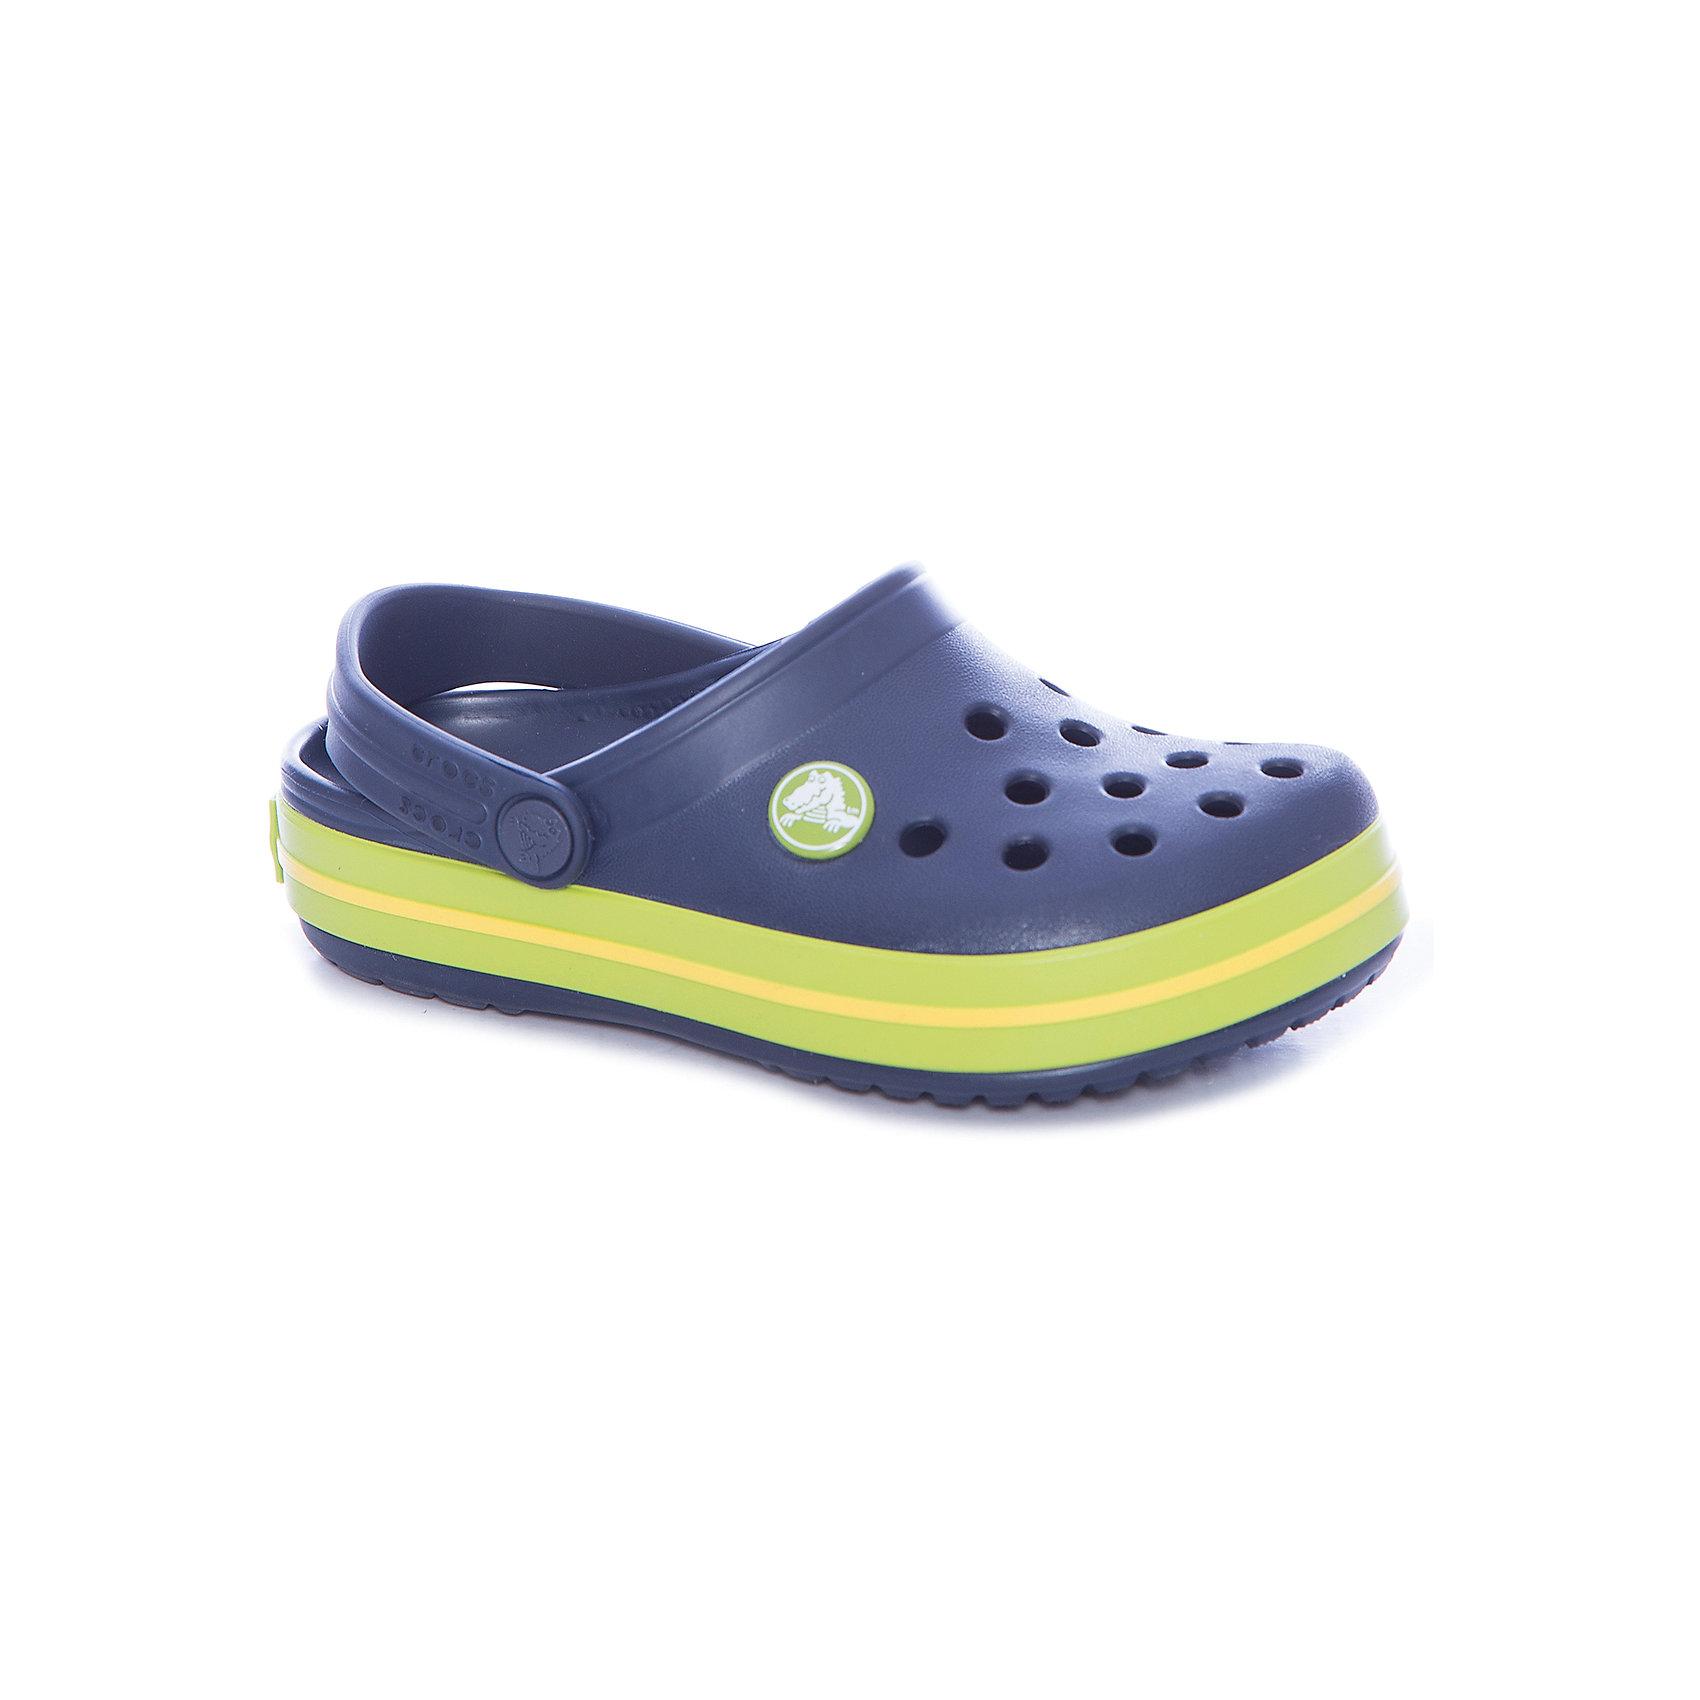 Сабо Crocband™ clog, синий, салатовыйПляжная обувь<br>Характеристики товара:<br><br>• цвет: синий, салатовый<br>• материал: 100% полимер Croslite™<br>• литая модель<br>• вентиляционные отверстия<br>• бактериостатичный материал<br>• пяточный ремешок фиксирует стопу<br>• толстая устойчивая подошва<br>• отверстия для использования украшений<br>• анатомическая стелька с массажными точками стимулирует кровообращение<br>• страна бренда: США<br>• страна изготовитель: Китай<br><br>Для правильного развития ребенка крайне важно, чтобы обувь была удобной. <br><br>Такие сабо обеспечивают детям необходимый комфорт, а анатомическая стелька с массажными линиями для стимуляции кровообращения позволяет ножкам дольше не уставать. <br><br>Сабо легко надеваются и снимаются, отлично сидят на ноге. <br><br>Материал, из которого они сделаны, не дает размножаться бактериям, поэтому такая обувь препятствует образованию неприятного запаха и появлению болезней стоп.<br><br>Обувь от американского бренда Crocs в данный момент завоевала широкую популярность во всем мире, и это не удивительно - ведь она невероятно удобна. <br><br>Её носят врачи, спортсмены, звёзды шоу-бизнеса, люди, которым много времени приходится бывать на ногах - они понимают, как важна комфортная обувь. <br><br>Продукция Crocs - это качественные товары, созданные с применением новейших технологий. <br><br>Обувь отличается стильным дизайном и продуманной конструкцией. <br><br>Изделие производится из качественных и проверенных материалов, которые безопасны для детей.<br><br>Сабо Crocband™ clog от торговой марки Crocs можно купить в нашем интернет-магазине.<br><br>Ширина мм: 225<br>Глубина мм: 139<br>Высота мм: 112<br>Вес г: 290<br>Цвет: синий<br>Возраст от месяцев: 18<br>Возраст до месяцев: 21<br>Пол: Унисекс<br>Возраст: Детский<br>Размер: 23,24,25,26,31/32,33/34,34/35,27,28,29,30,21,22<br>SKU: 5416482